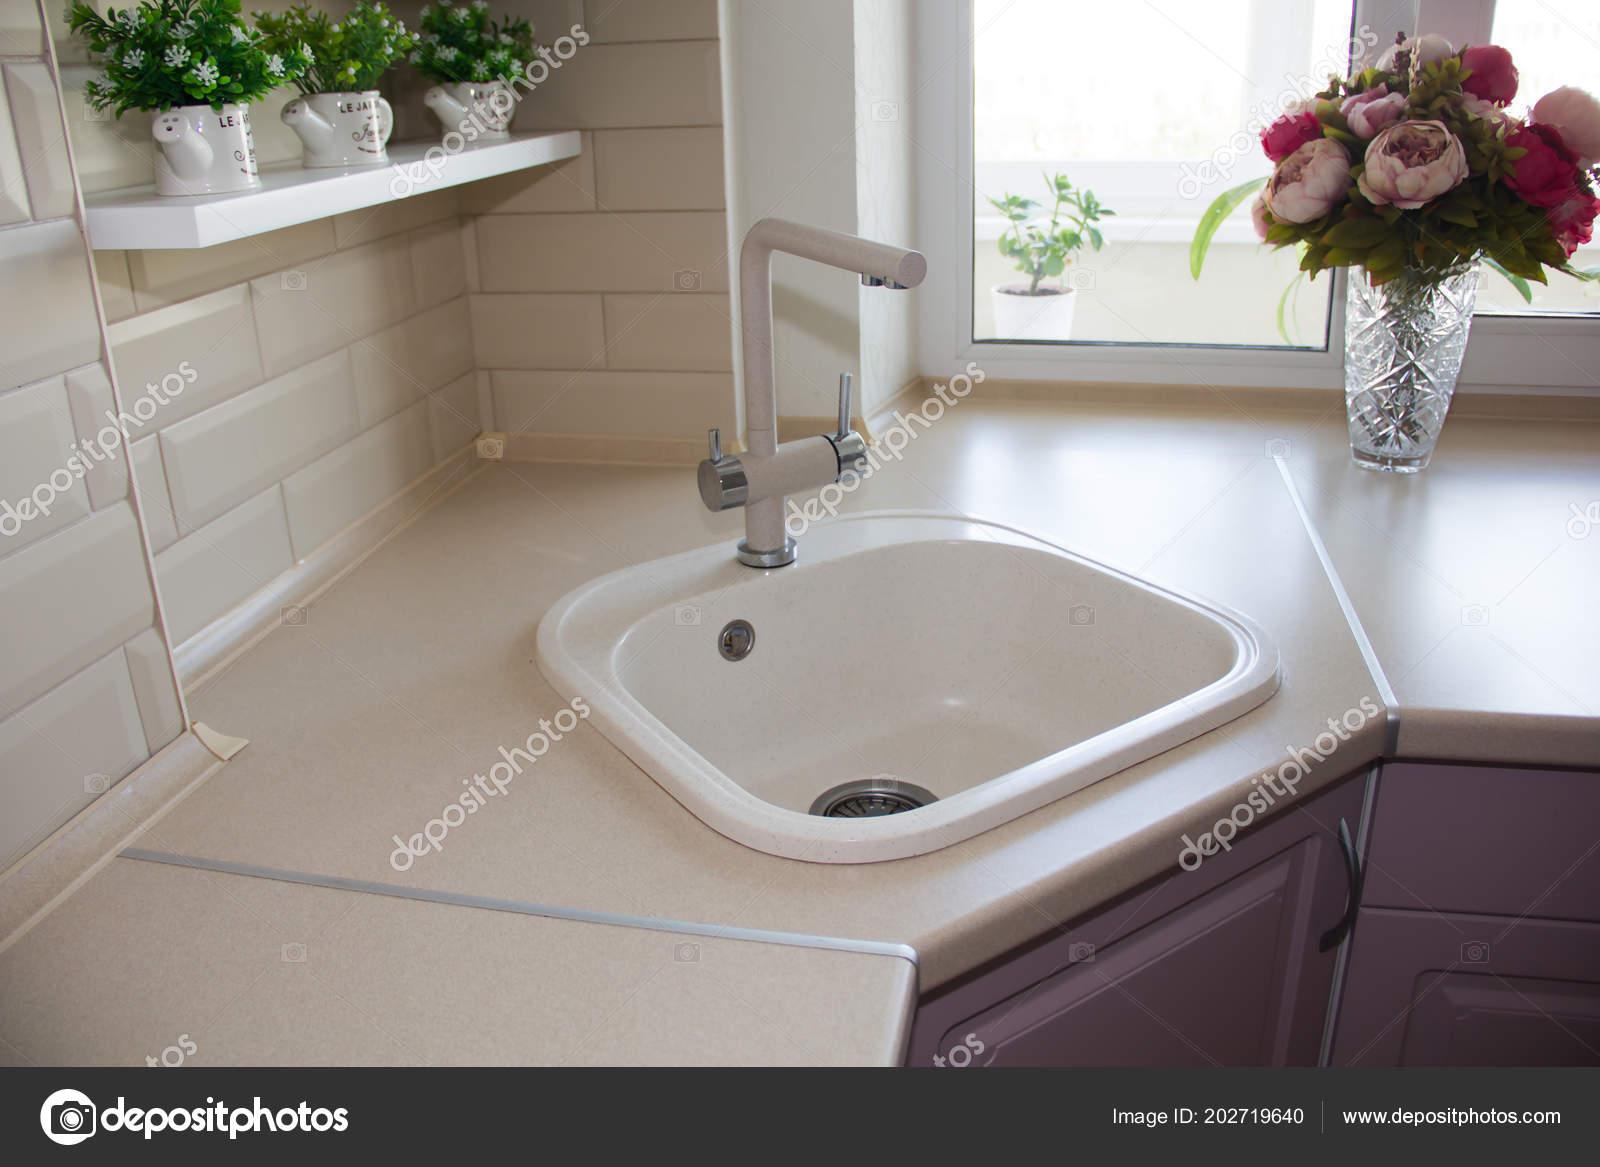 Keramik Waschbecken Der Küche Gebaut — Stockfoto ...